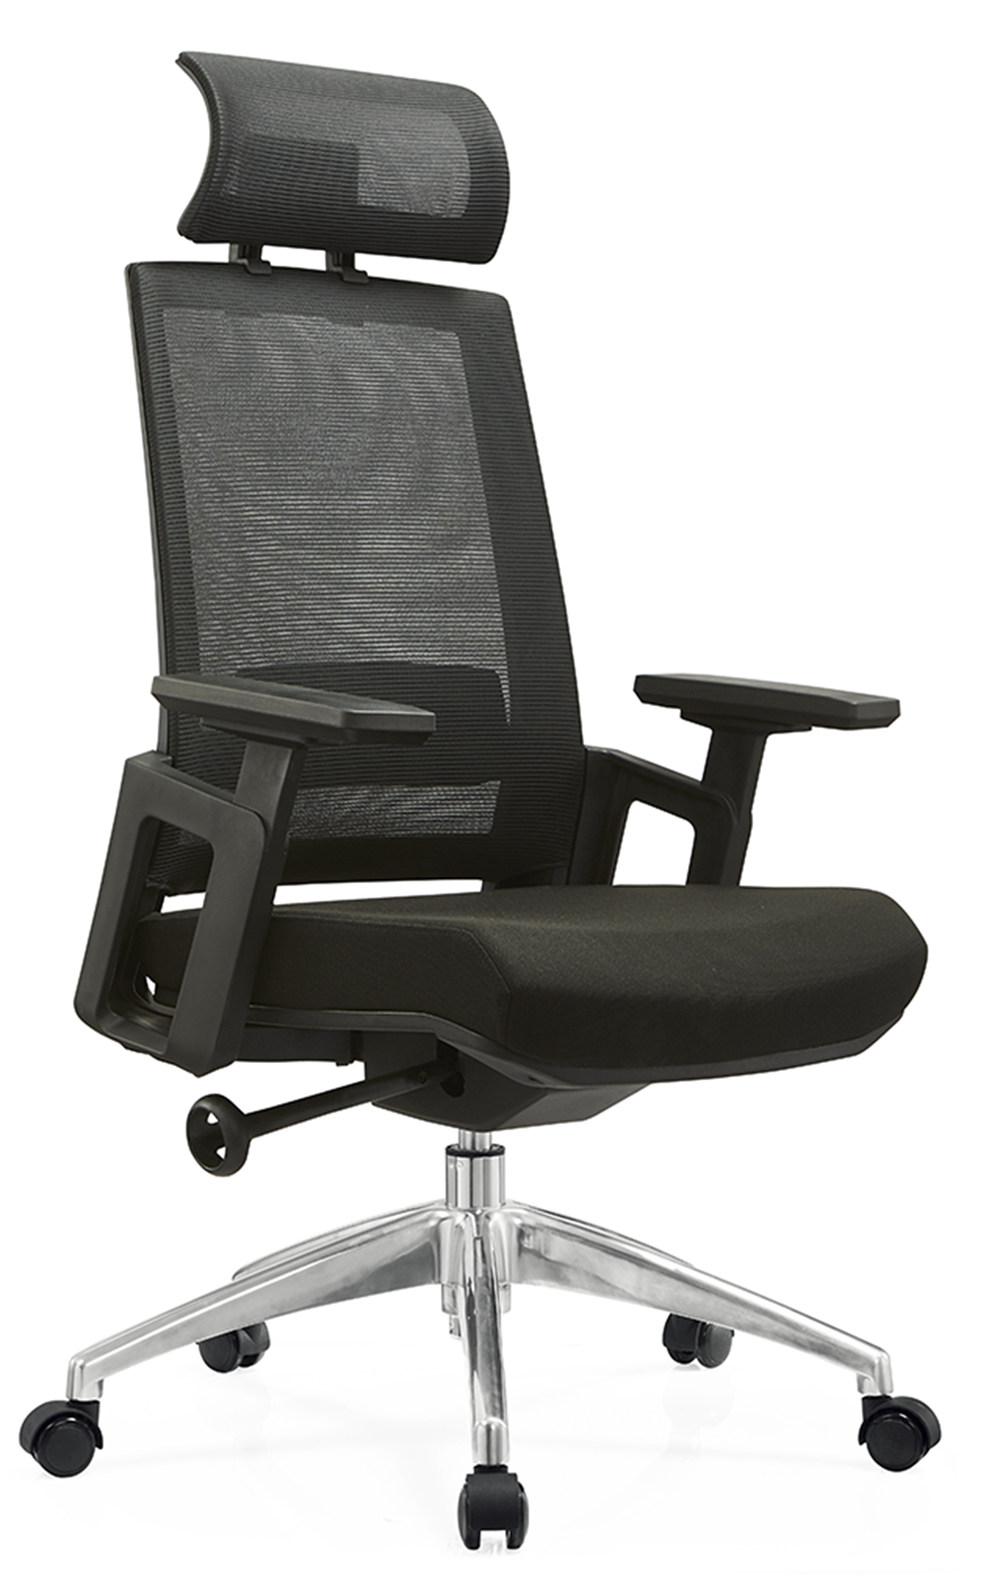 经理椅-01